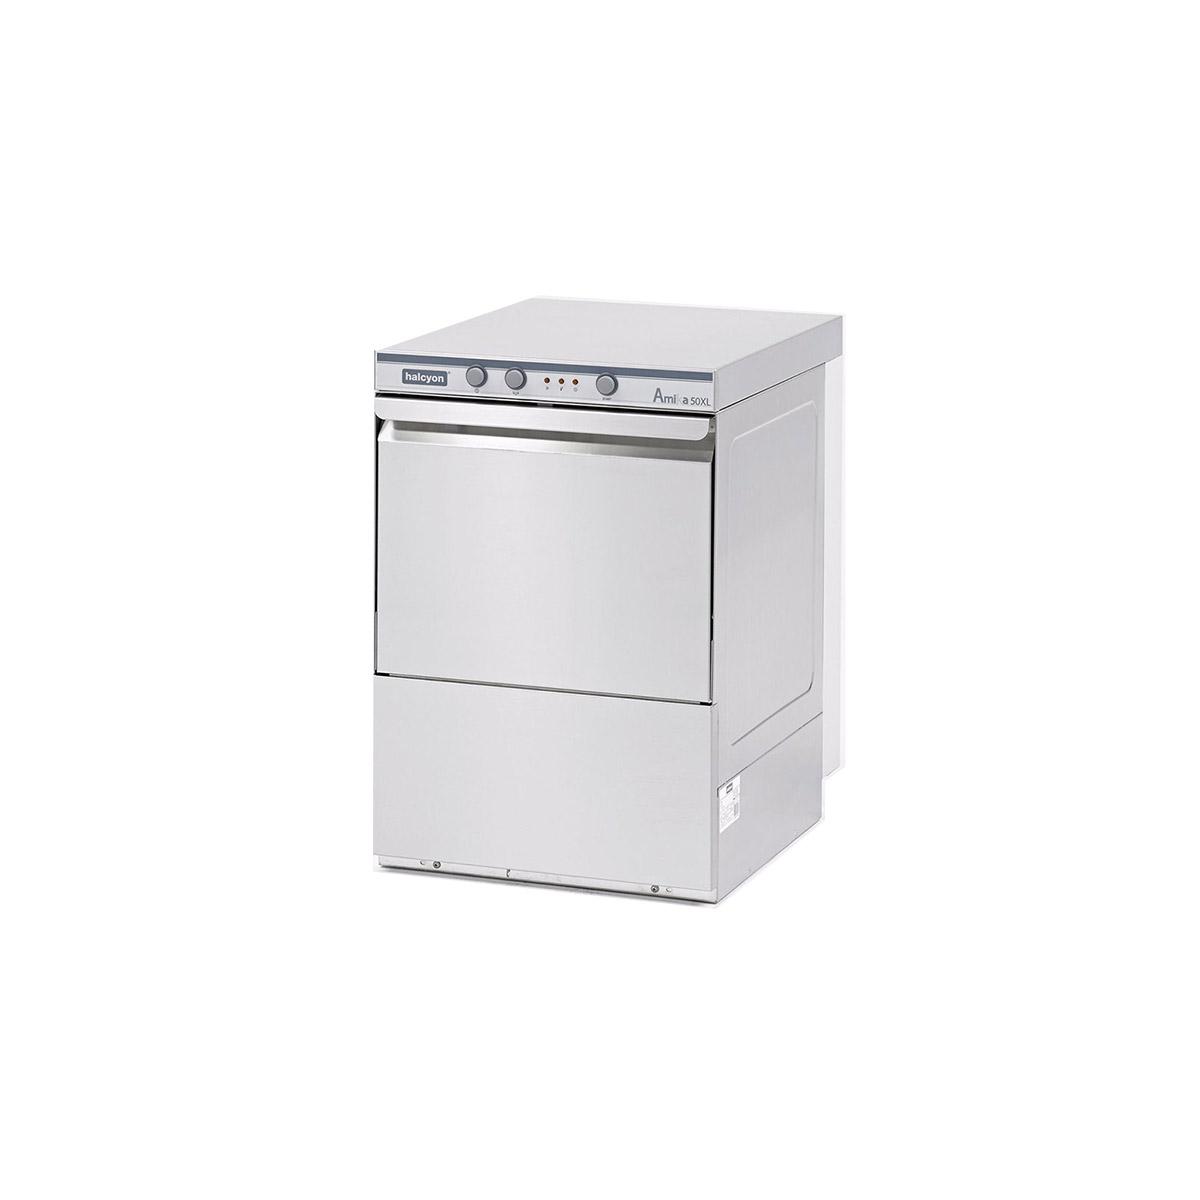 Maidaid Halcyon Amika Dishwasher AM50XL